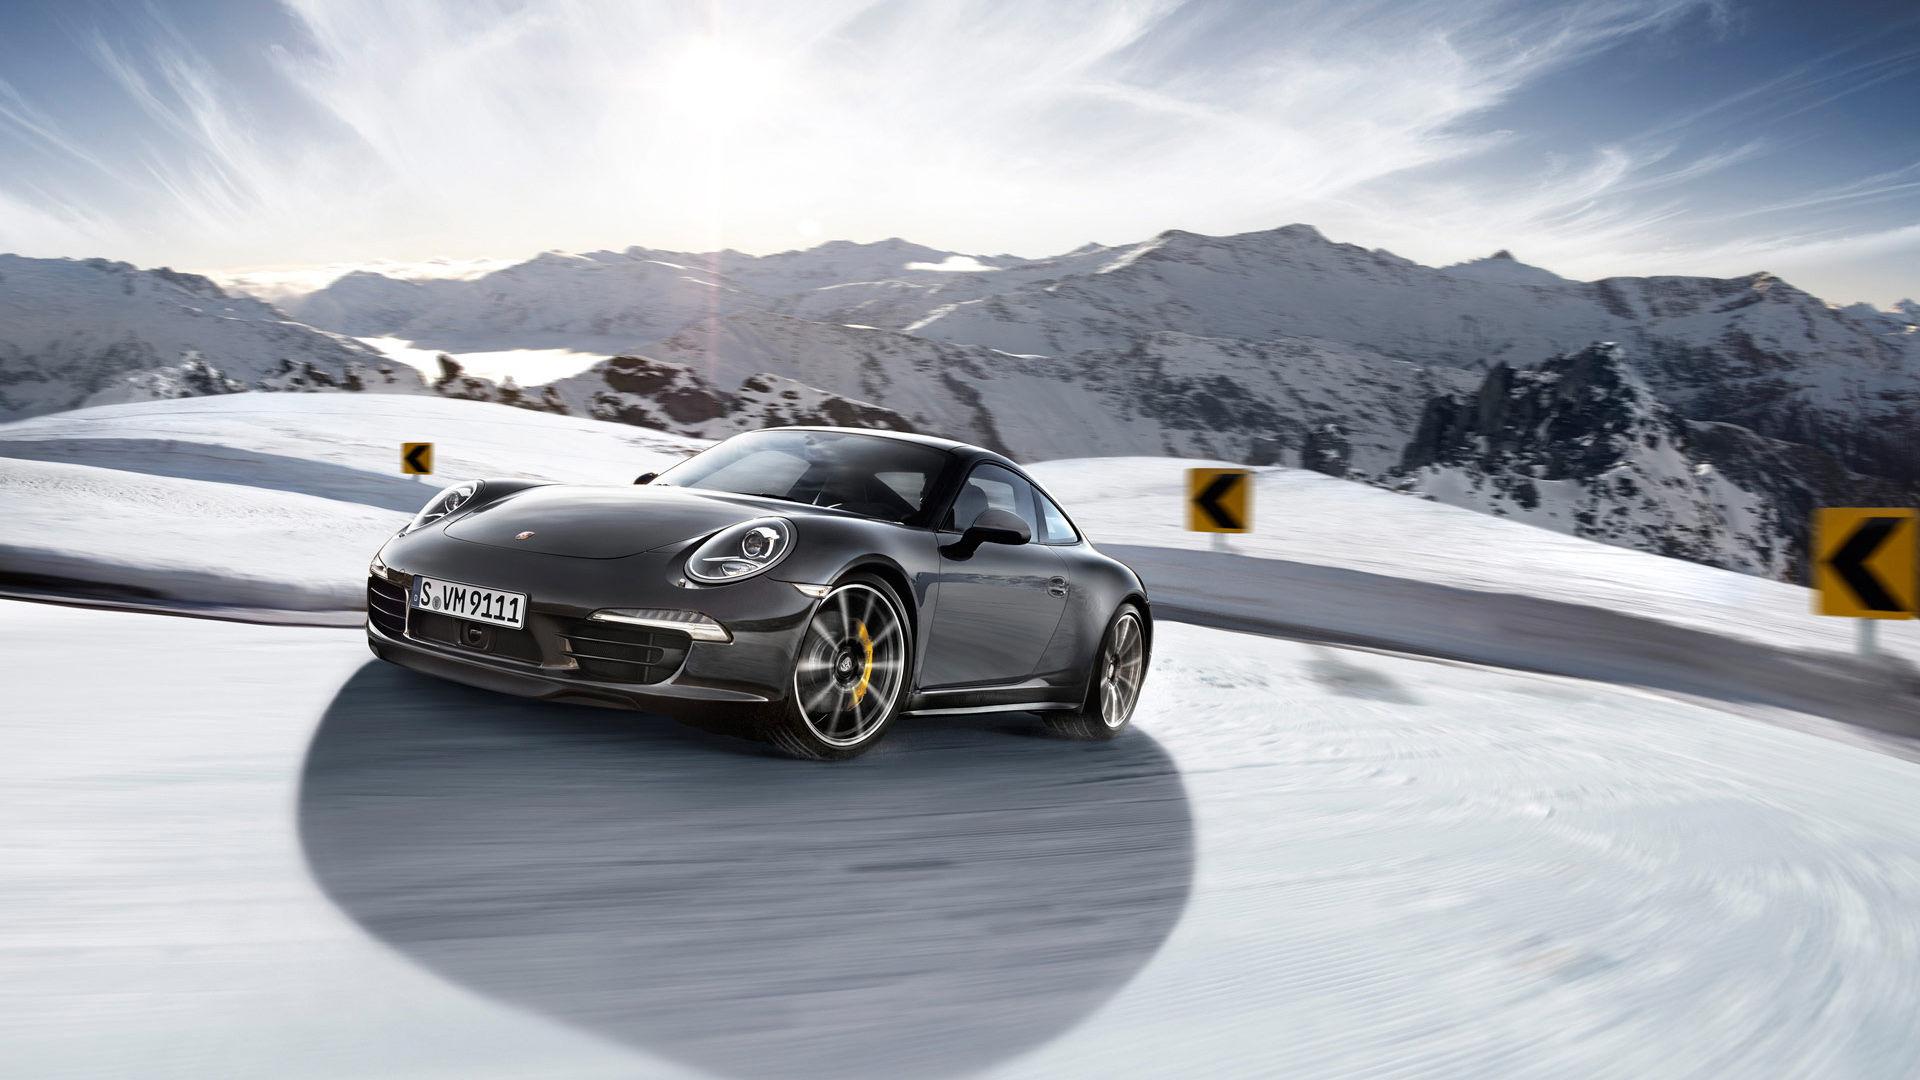 2013 Porsche 911 4S Coupe